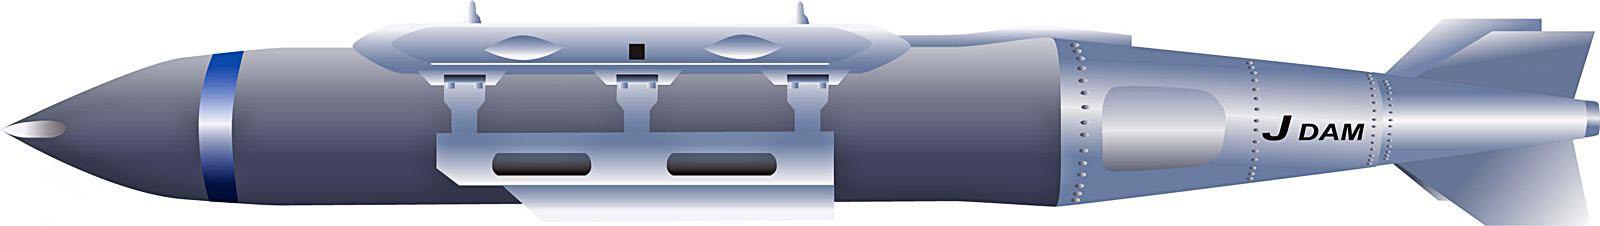 gbu-31-jdam